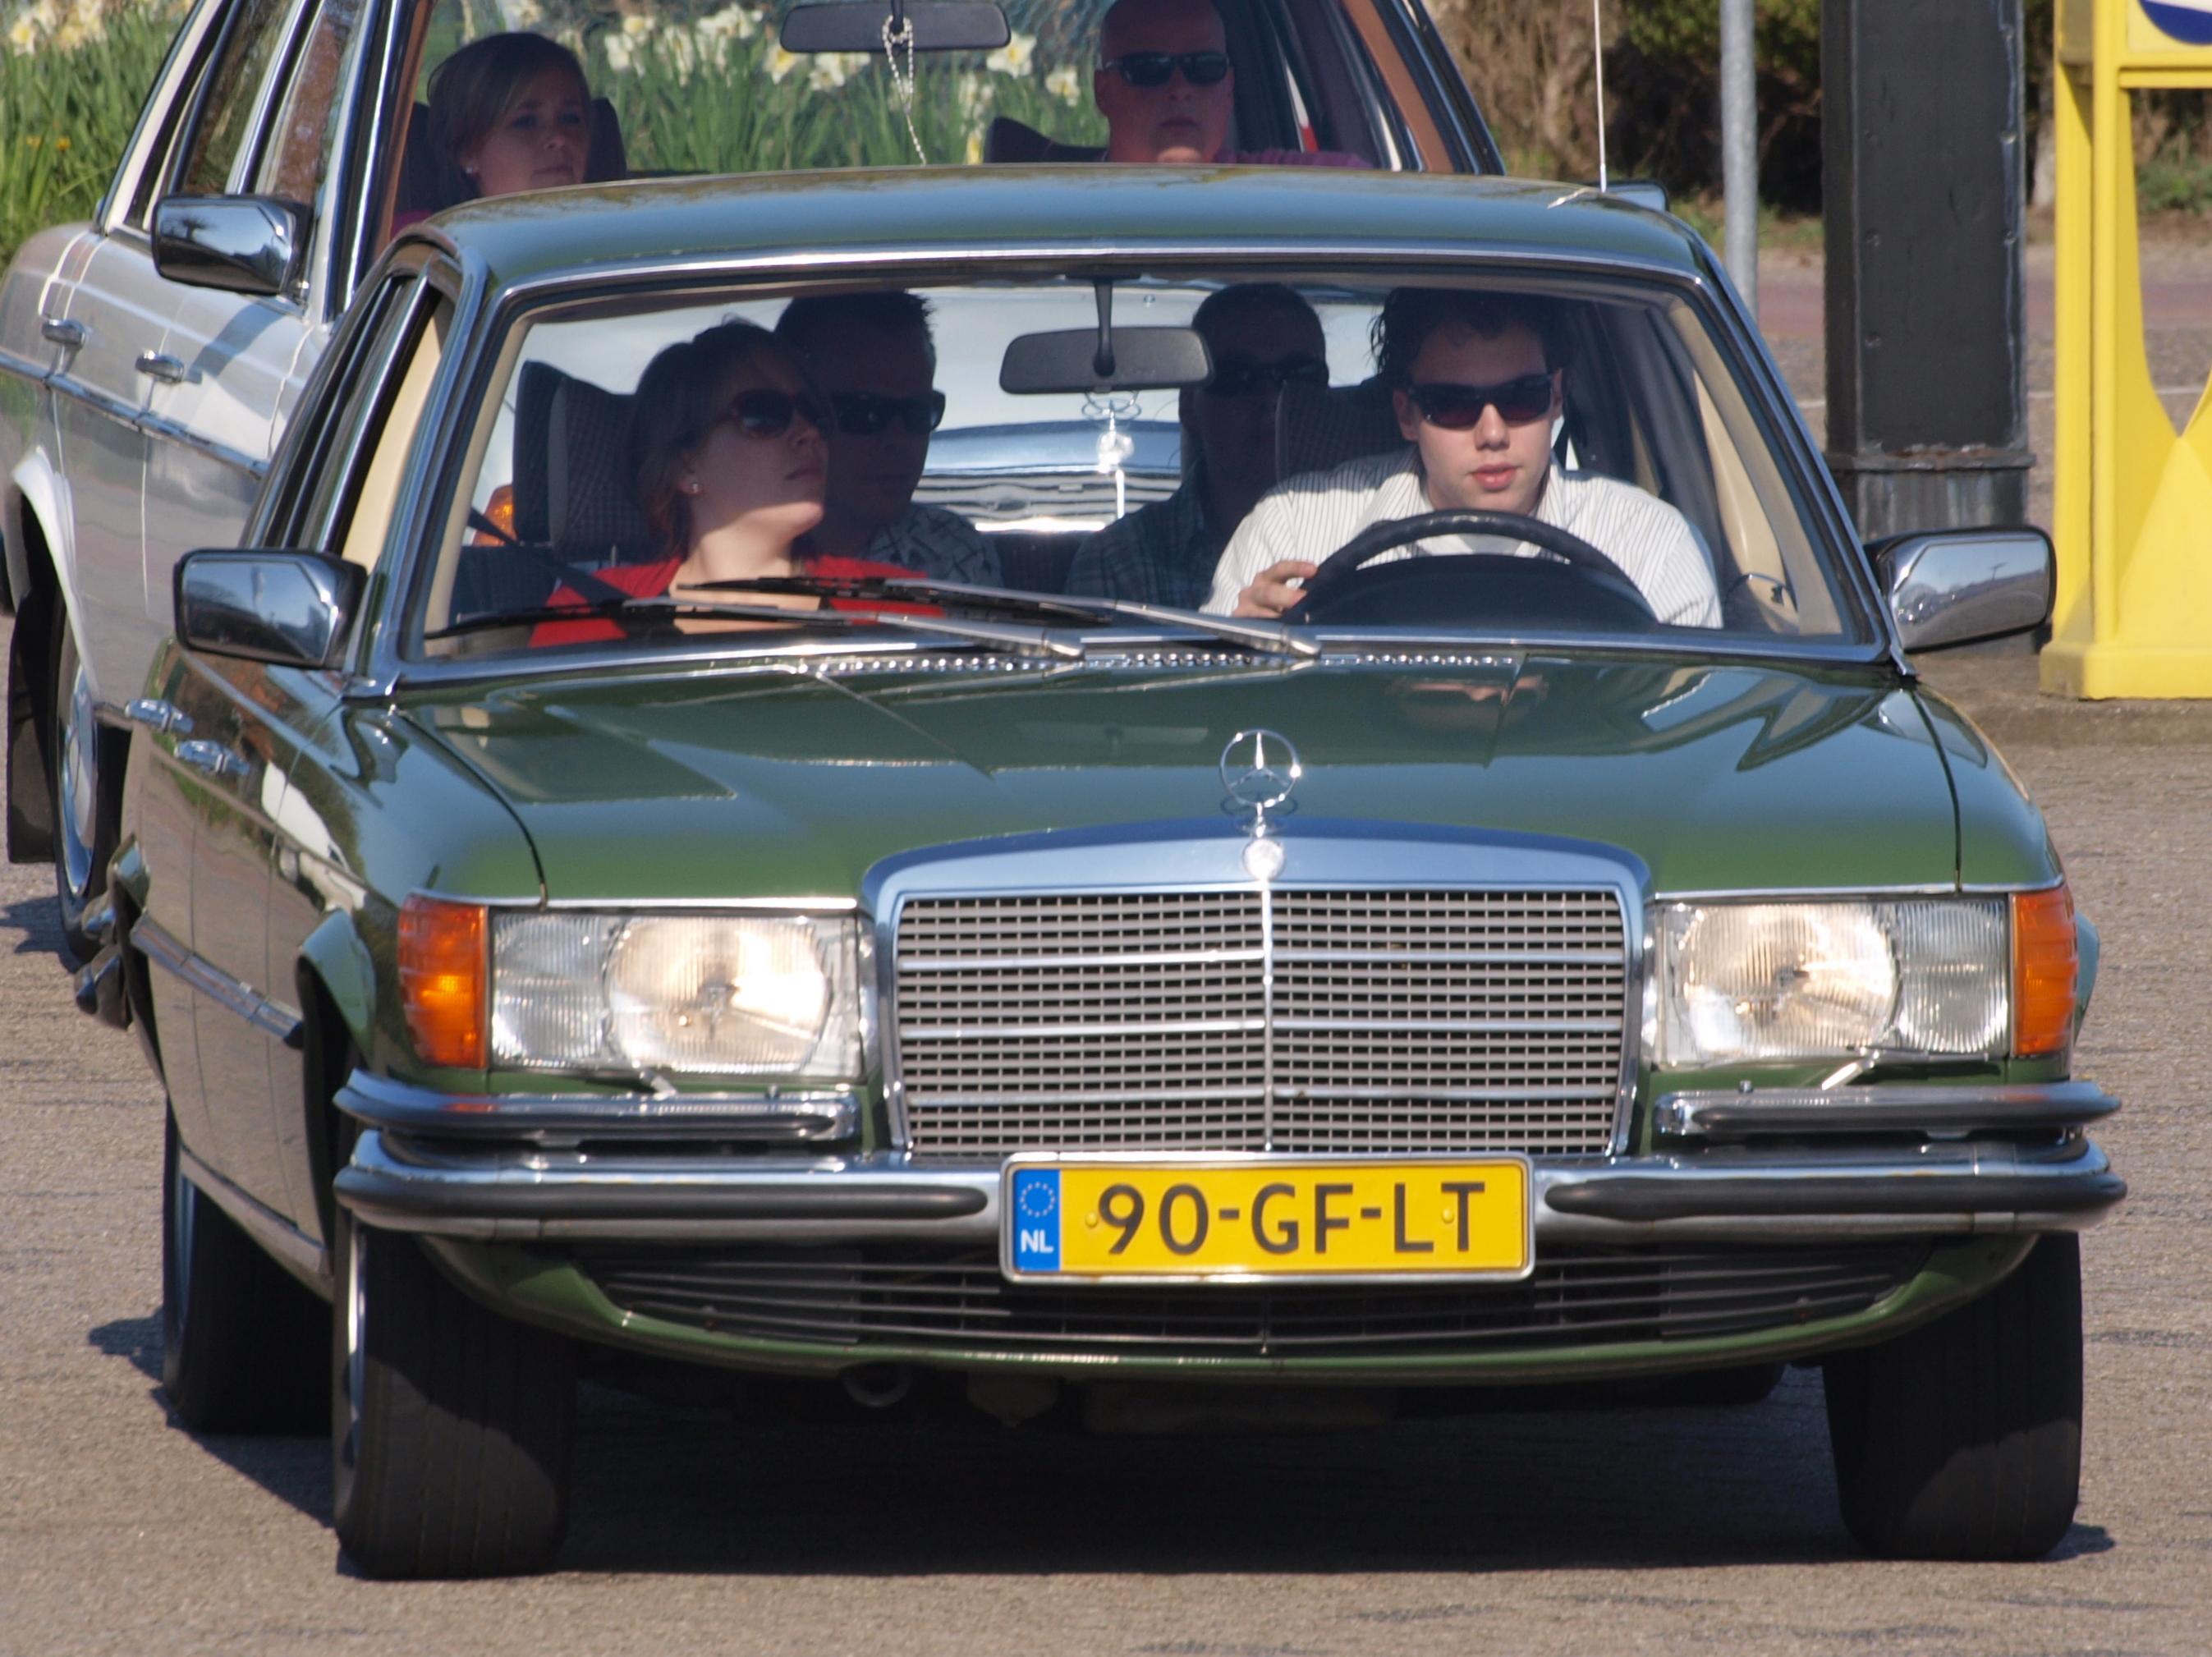 File Mercedes Benz 450 Se 1975 Dutch Licecence Registration 90 Gf Lt Jpg